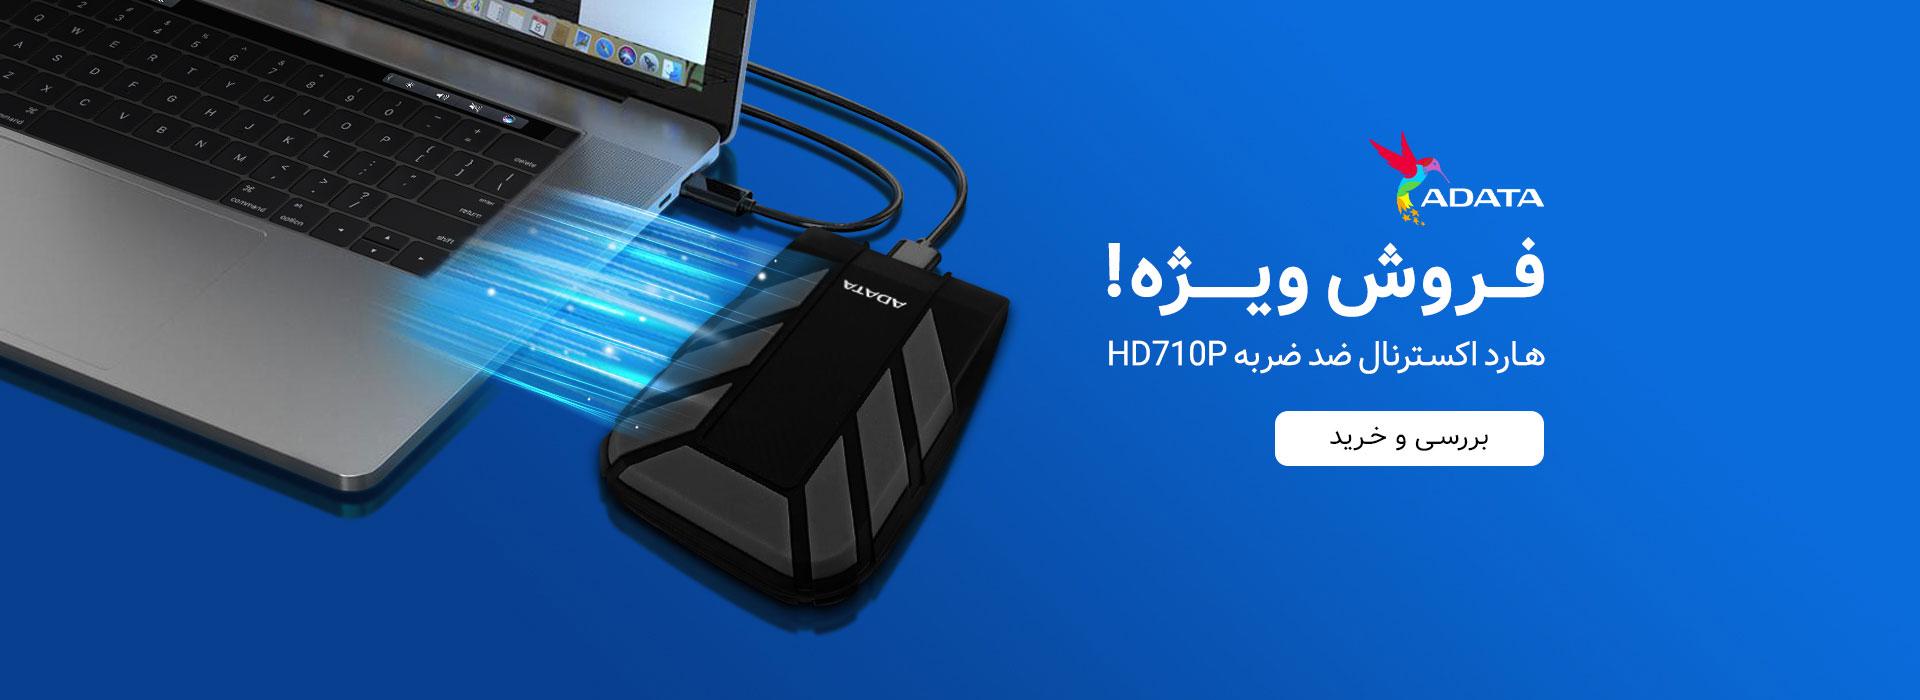 هارد اکسترنال 2ترابایت Adata مدل HD710 Pro